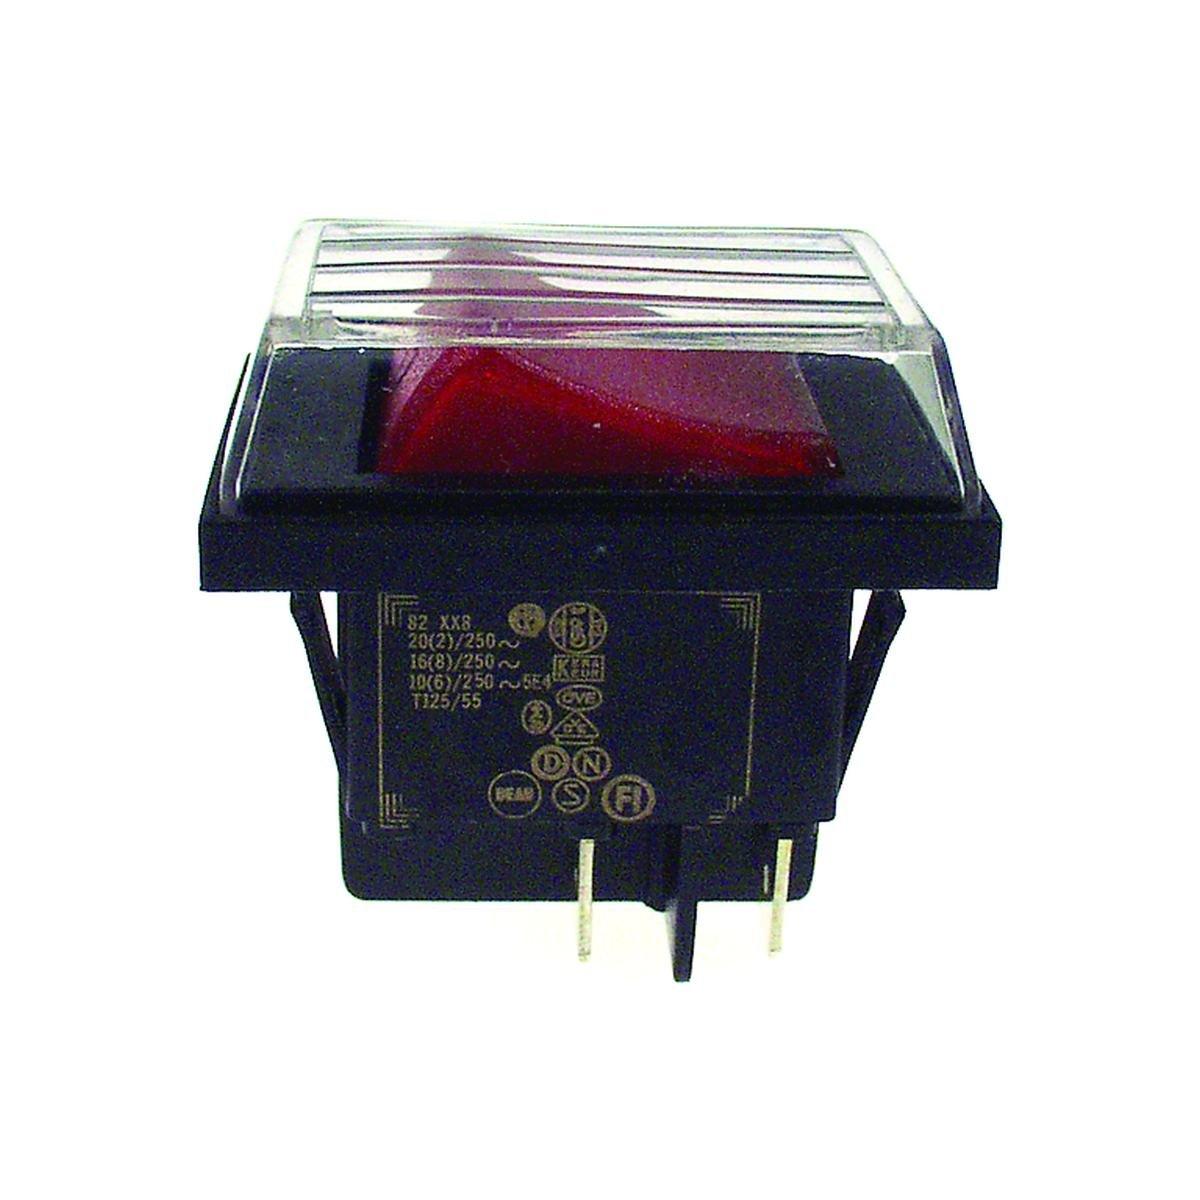 Dobbeltafbryder stænktæt sort med rødt lys 30 x 22